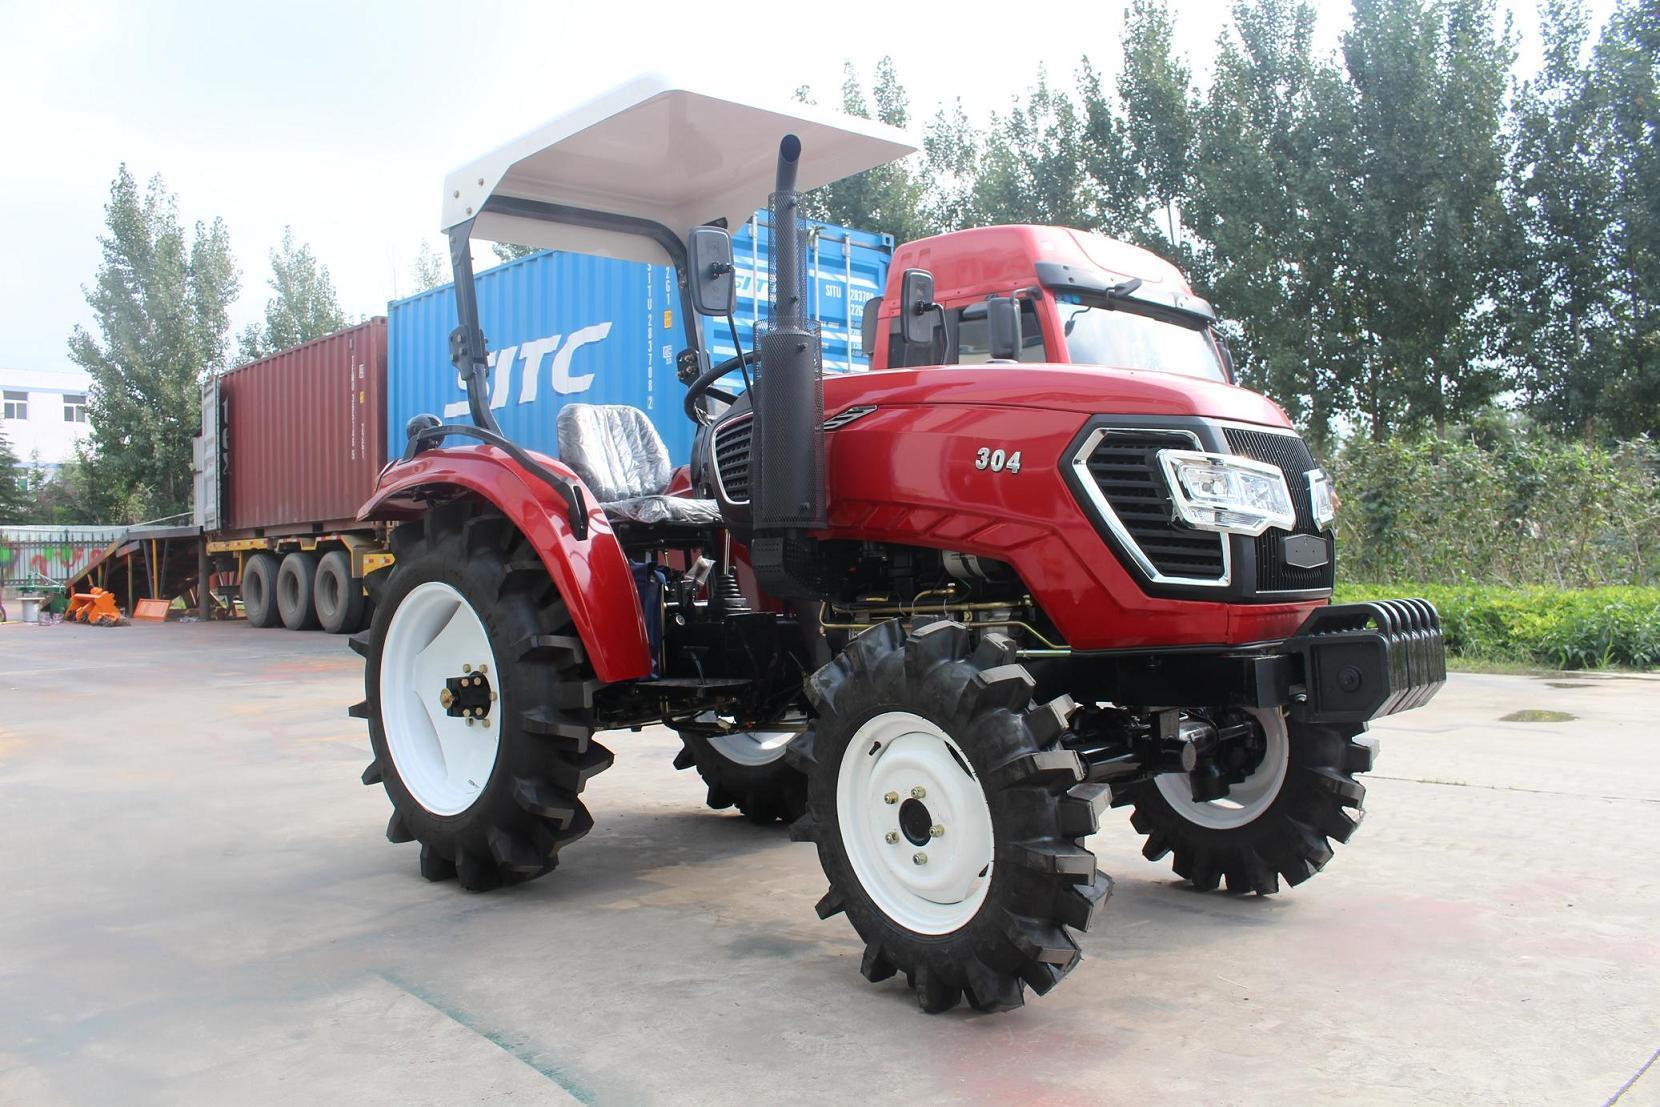 Hot Sales China 30hp 4wd Mini Tractor Kubota China Mini Tractor